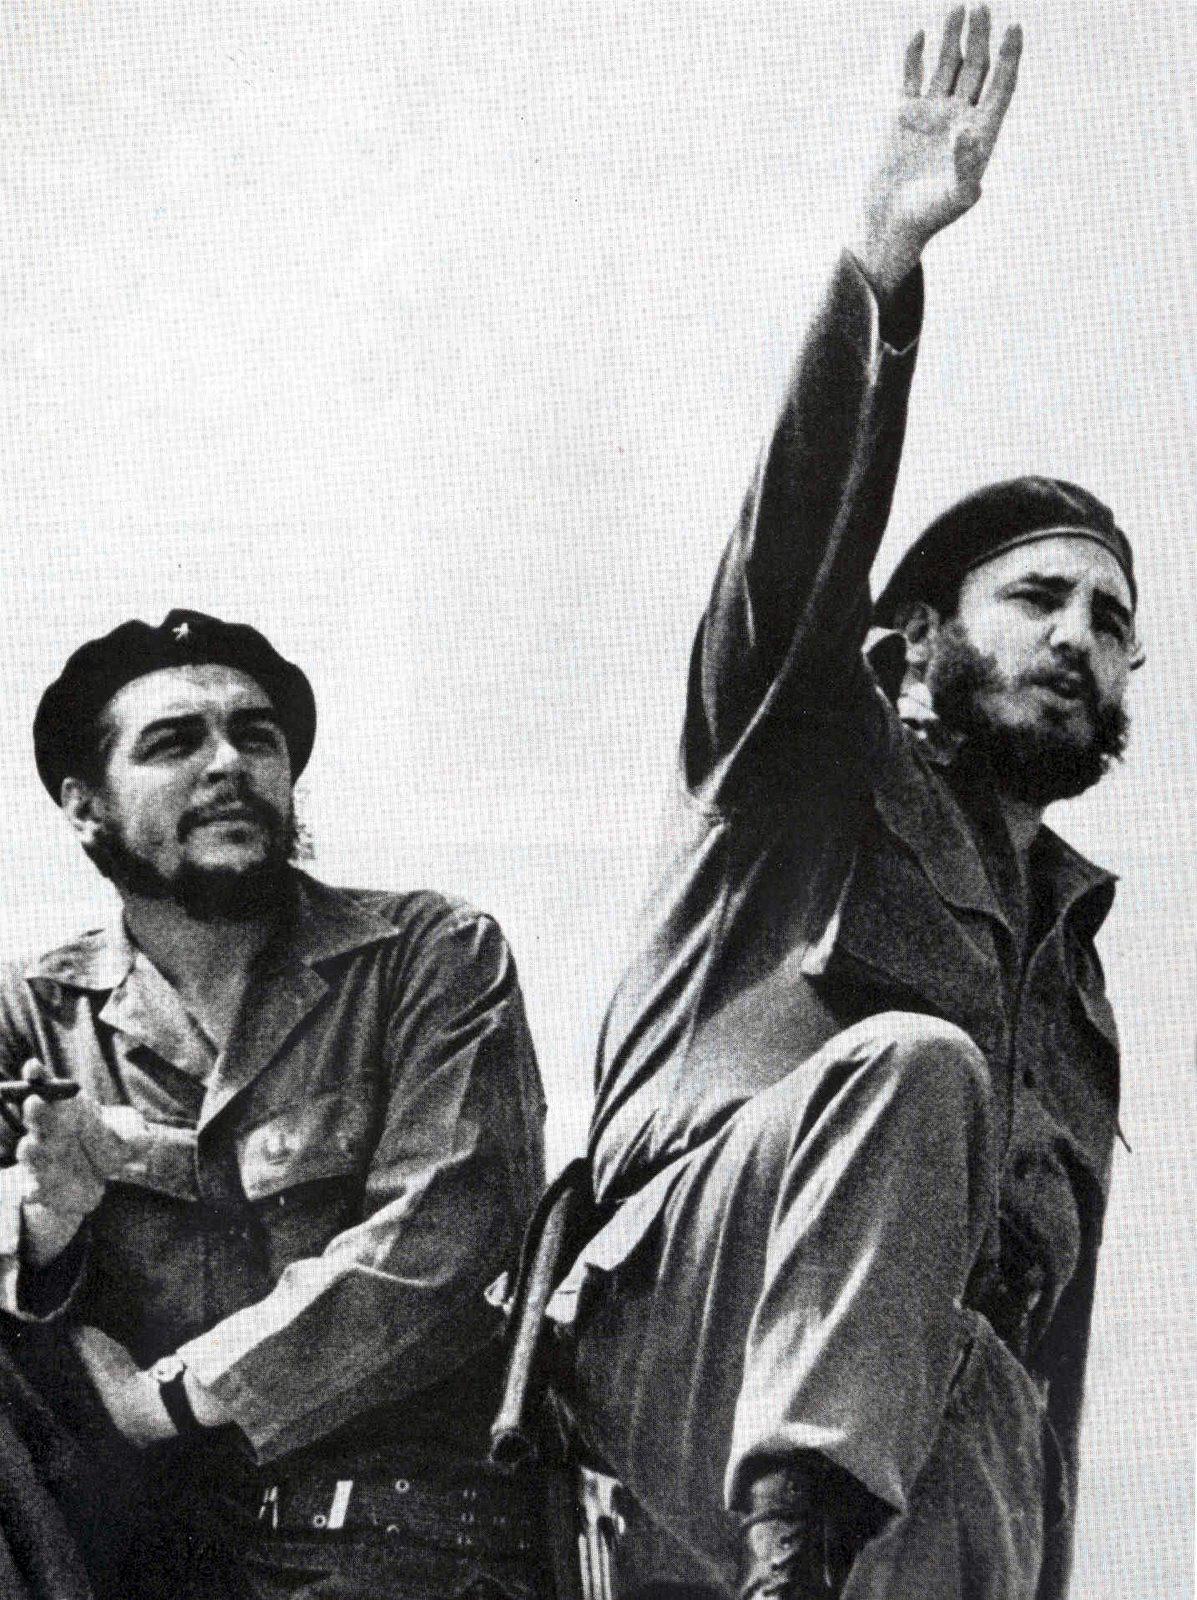 Fidel Castro and Che Guevara Biography